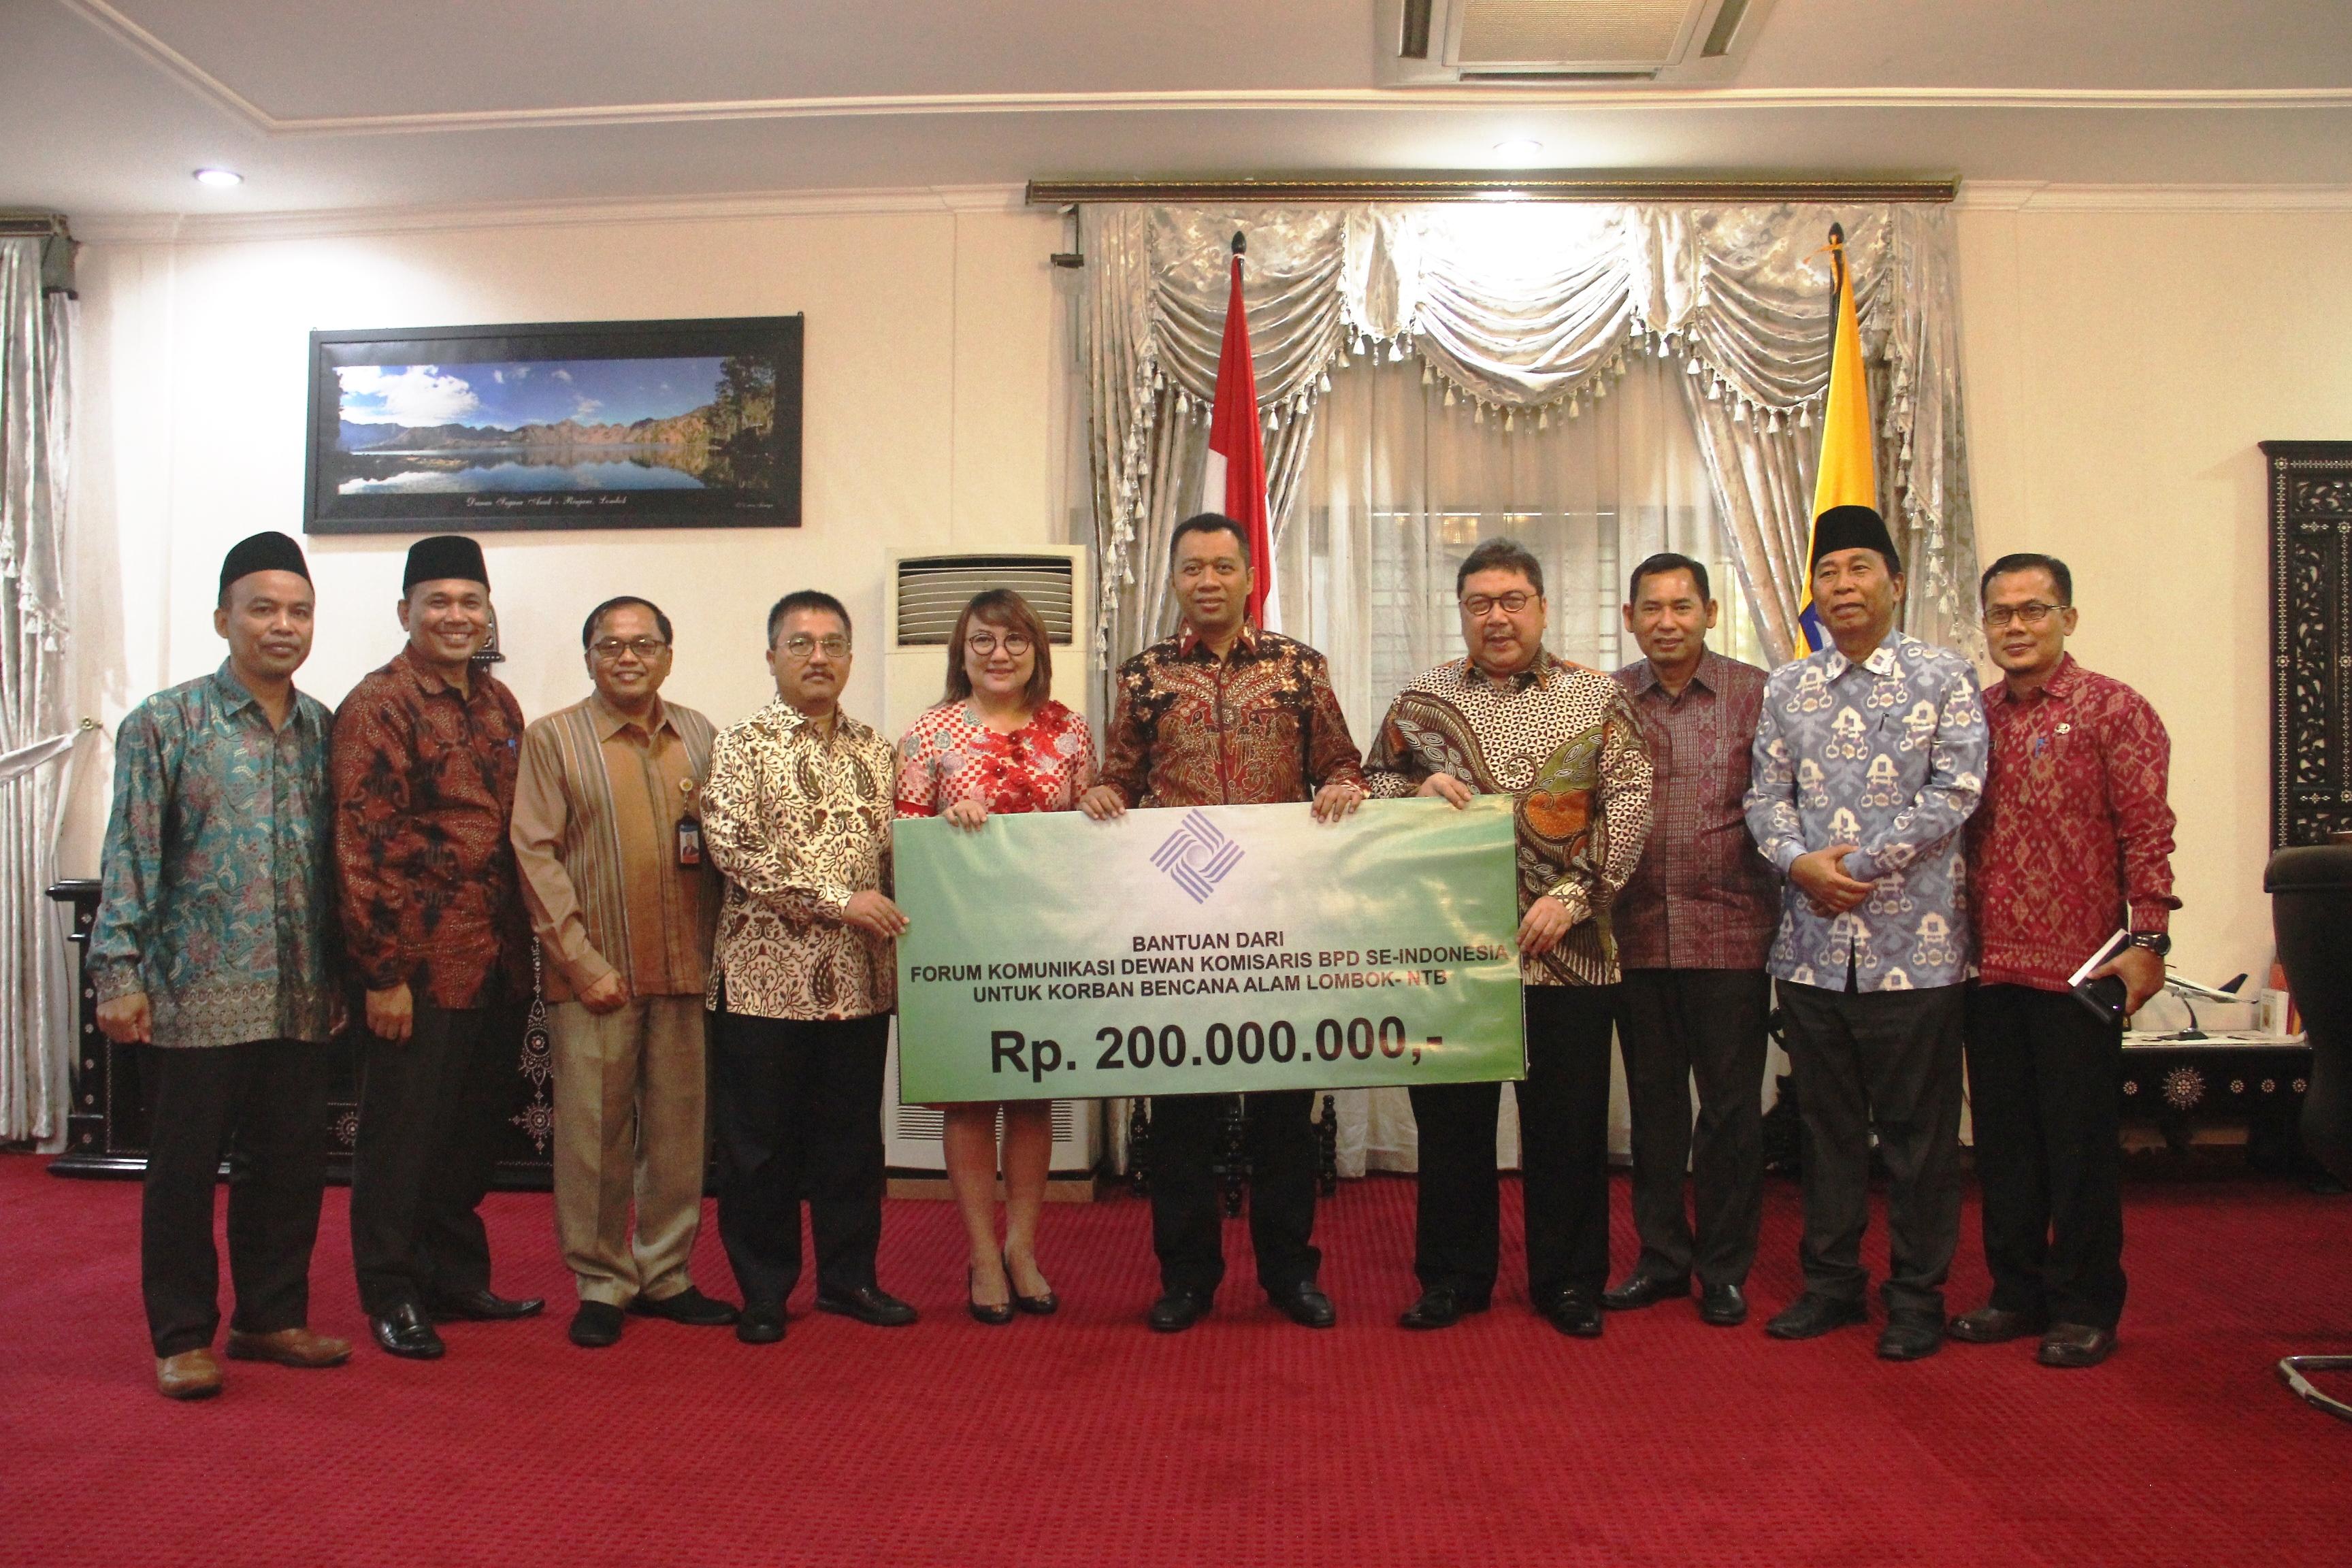 Forum-Komunikasi-Dewan-Komisaris-Bank-Pembangunan-Bank-Daerah-Seluruh-Indonesia-Berikan-Bantuan-untuk-Korban-Gempa-NTB